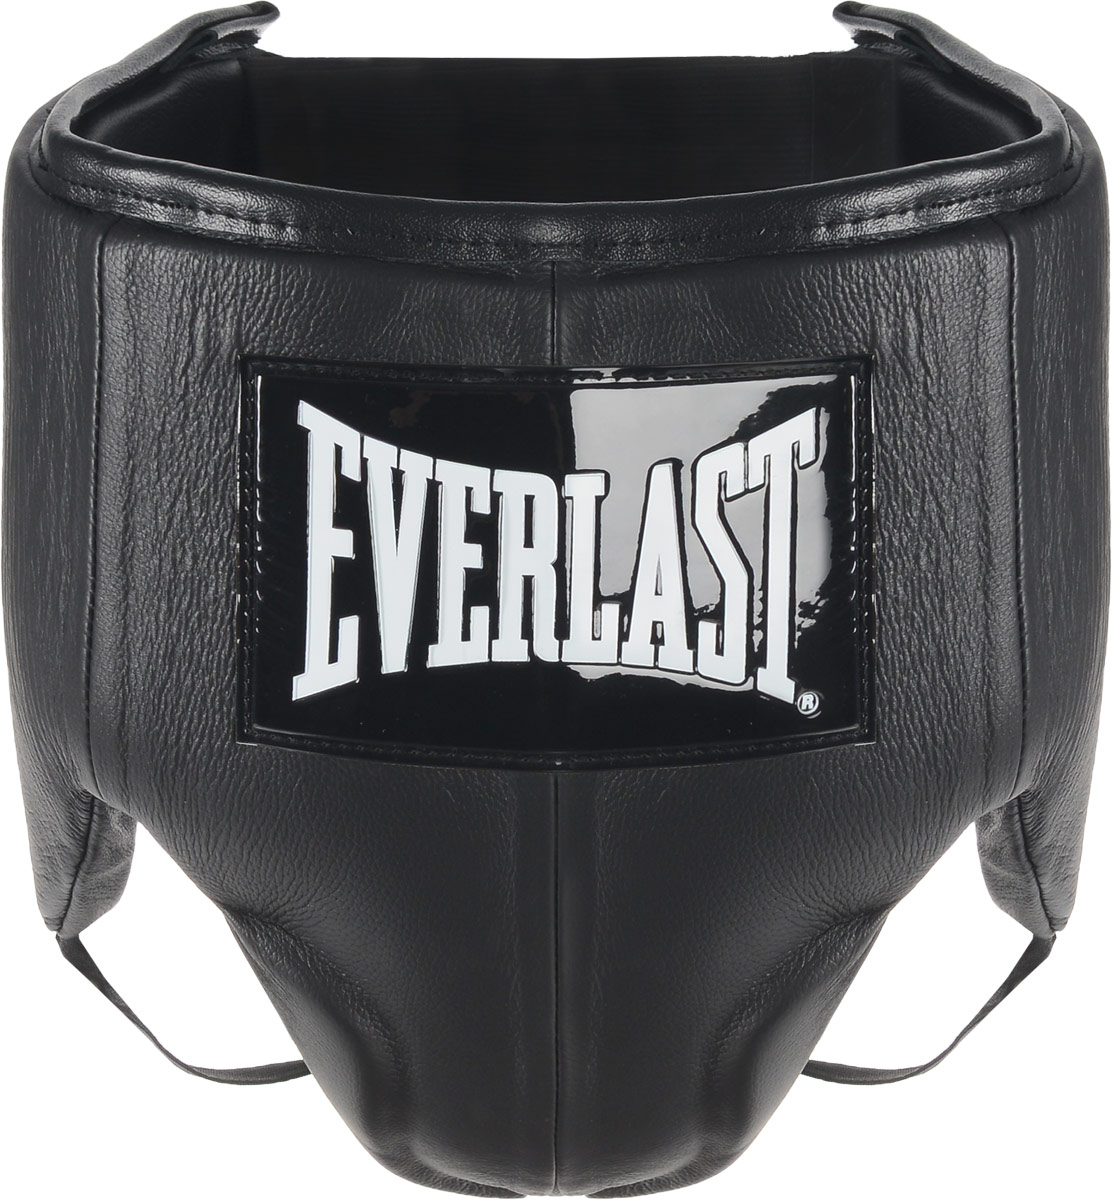 Защита паха мужская Everlast Velcro Top Pro, цвет: черный, белый. Размер XXLMCI54145_WhiteEverlast Velcro Top Pro это удобный обтягивающий бандаж, идеально подходящий как для тренировочных спаррингов, так и для боя на ринге. Бандаж изготовлен из высококачественной натуральной кожи, а подкладка набита пенным наполнителем высокой плотности, благодаря чему достигается превосходная амортизация ударов. Усовершенствованный облегченный дизайн обеспечивает максимальную подвижность и комфорт, в то же время гарантируя безопасность и полную защиту паха и тазовой области. Удобные застежки на липучке позволят подогнать защиту под ваш размер и плотно зафиксировать ее на теле. Максимальный обхват: 121 см.Минимальный обхват: 108 см.